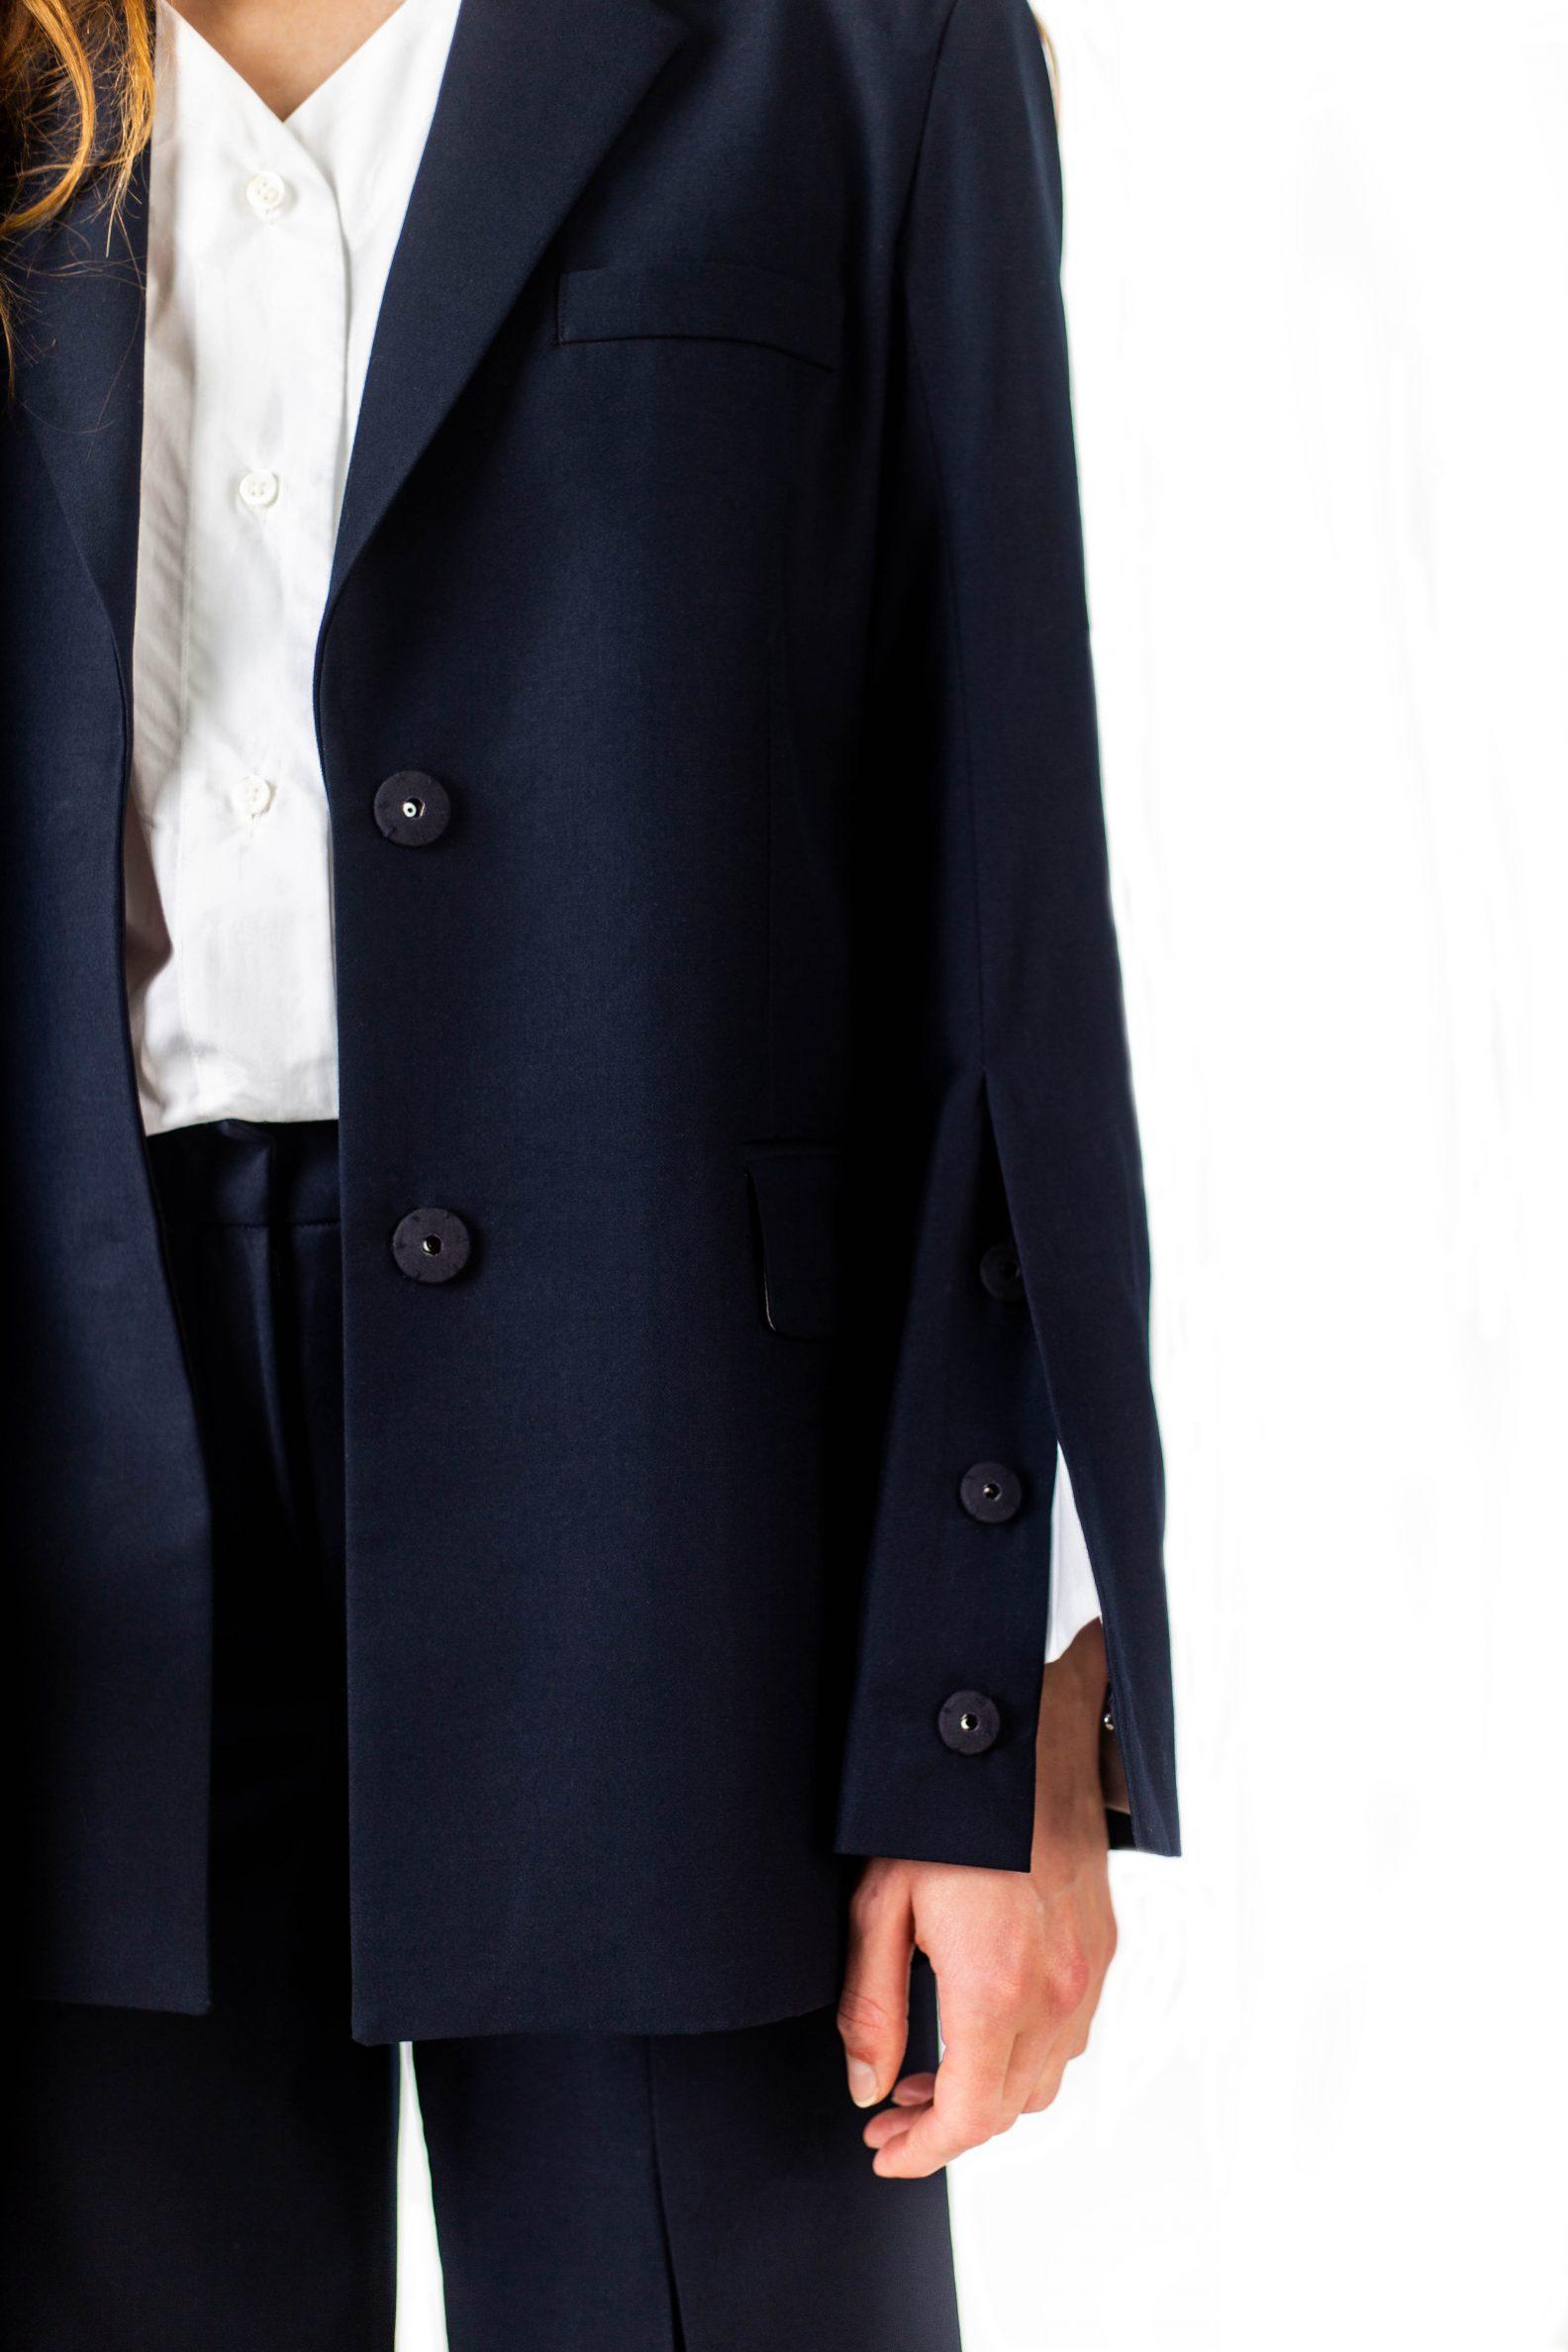 affaires-etrangeres-veste-tailleur-blazer-kimchi-mohan-mode-coreenne-kpop